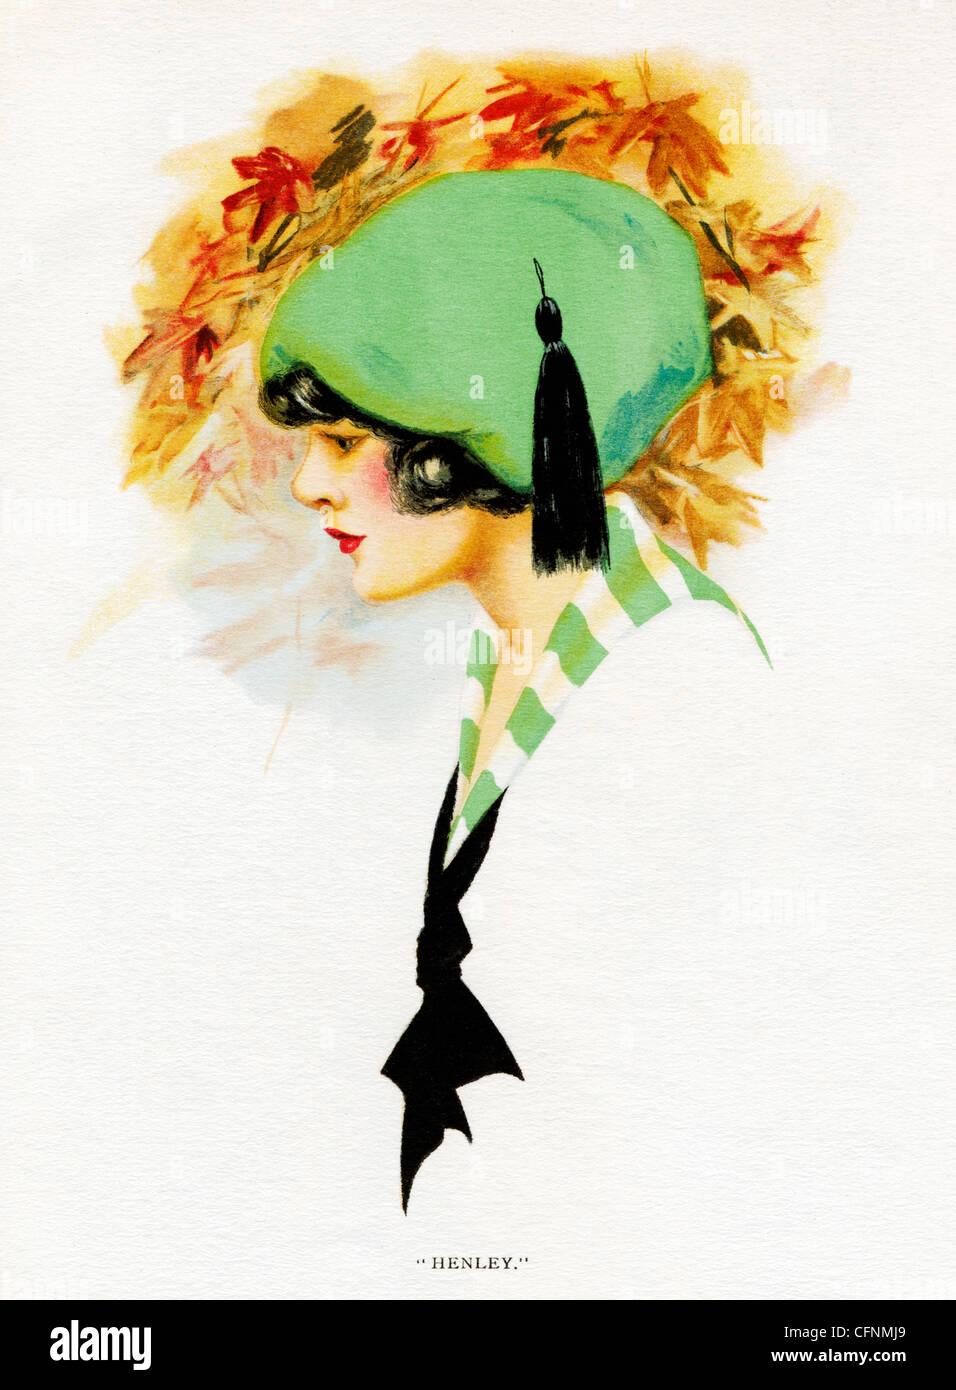 Henley, 1920 Ilustración Art Decó de una chica bonita en un sombrero verde Imagen De Stock